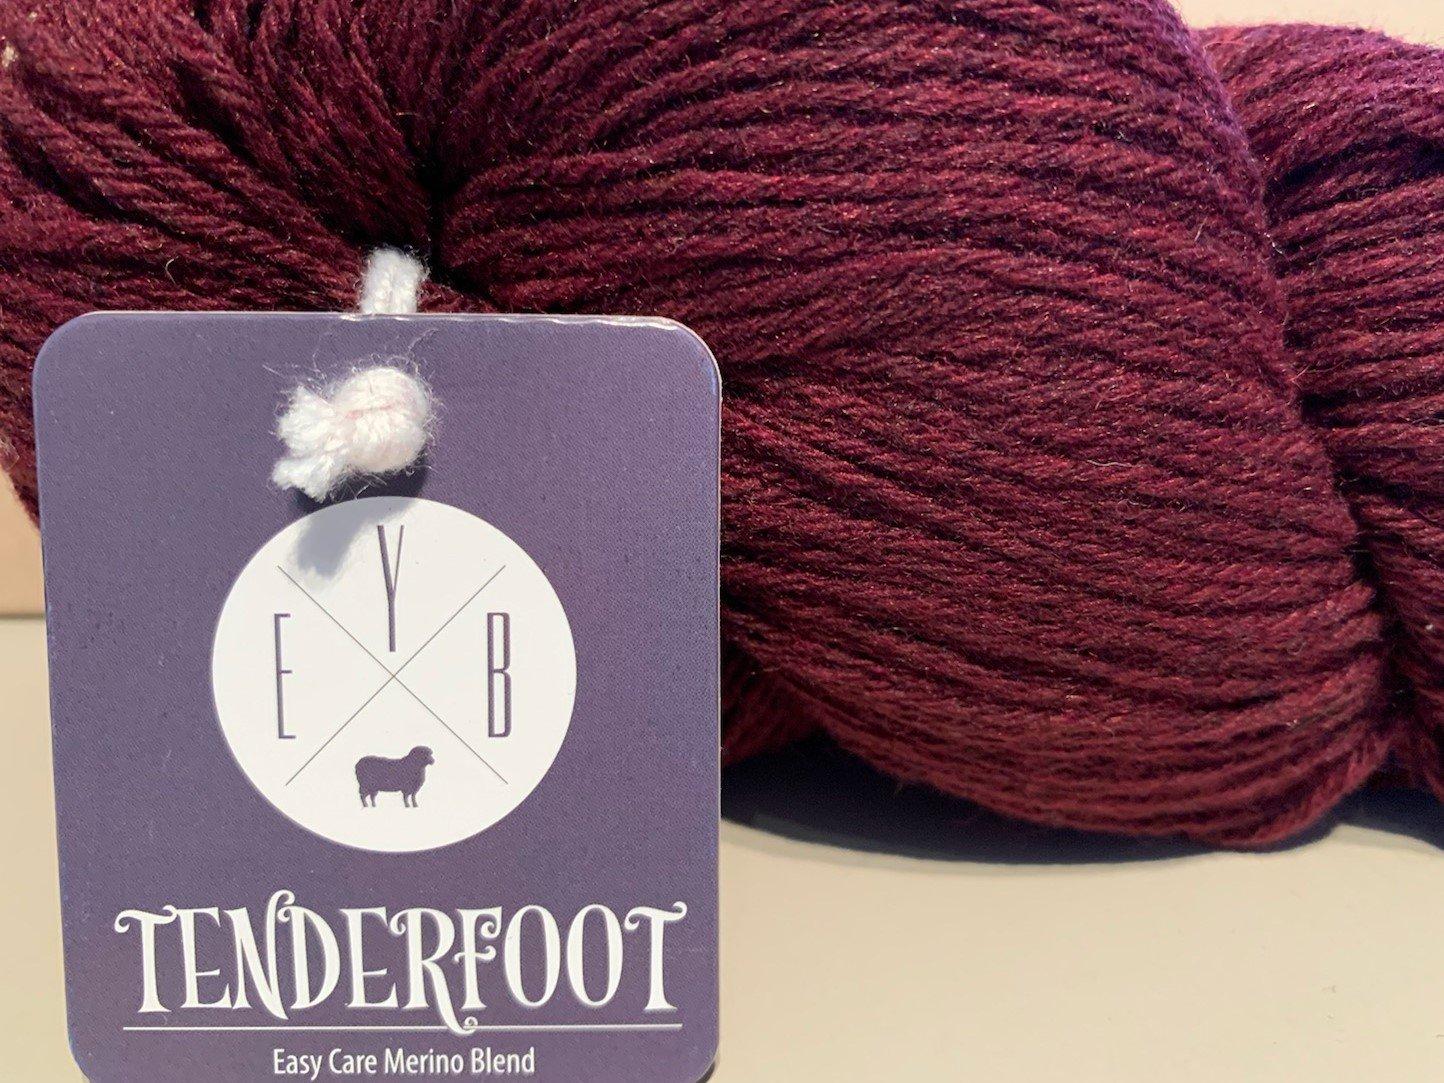 EYB Tenderfoot